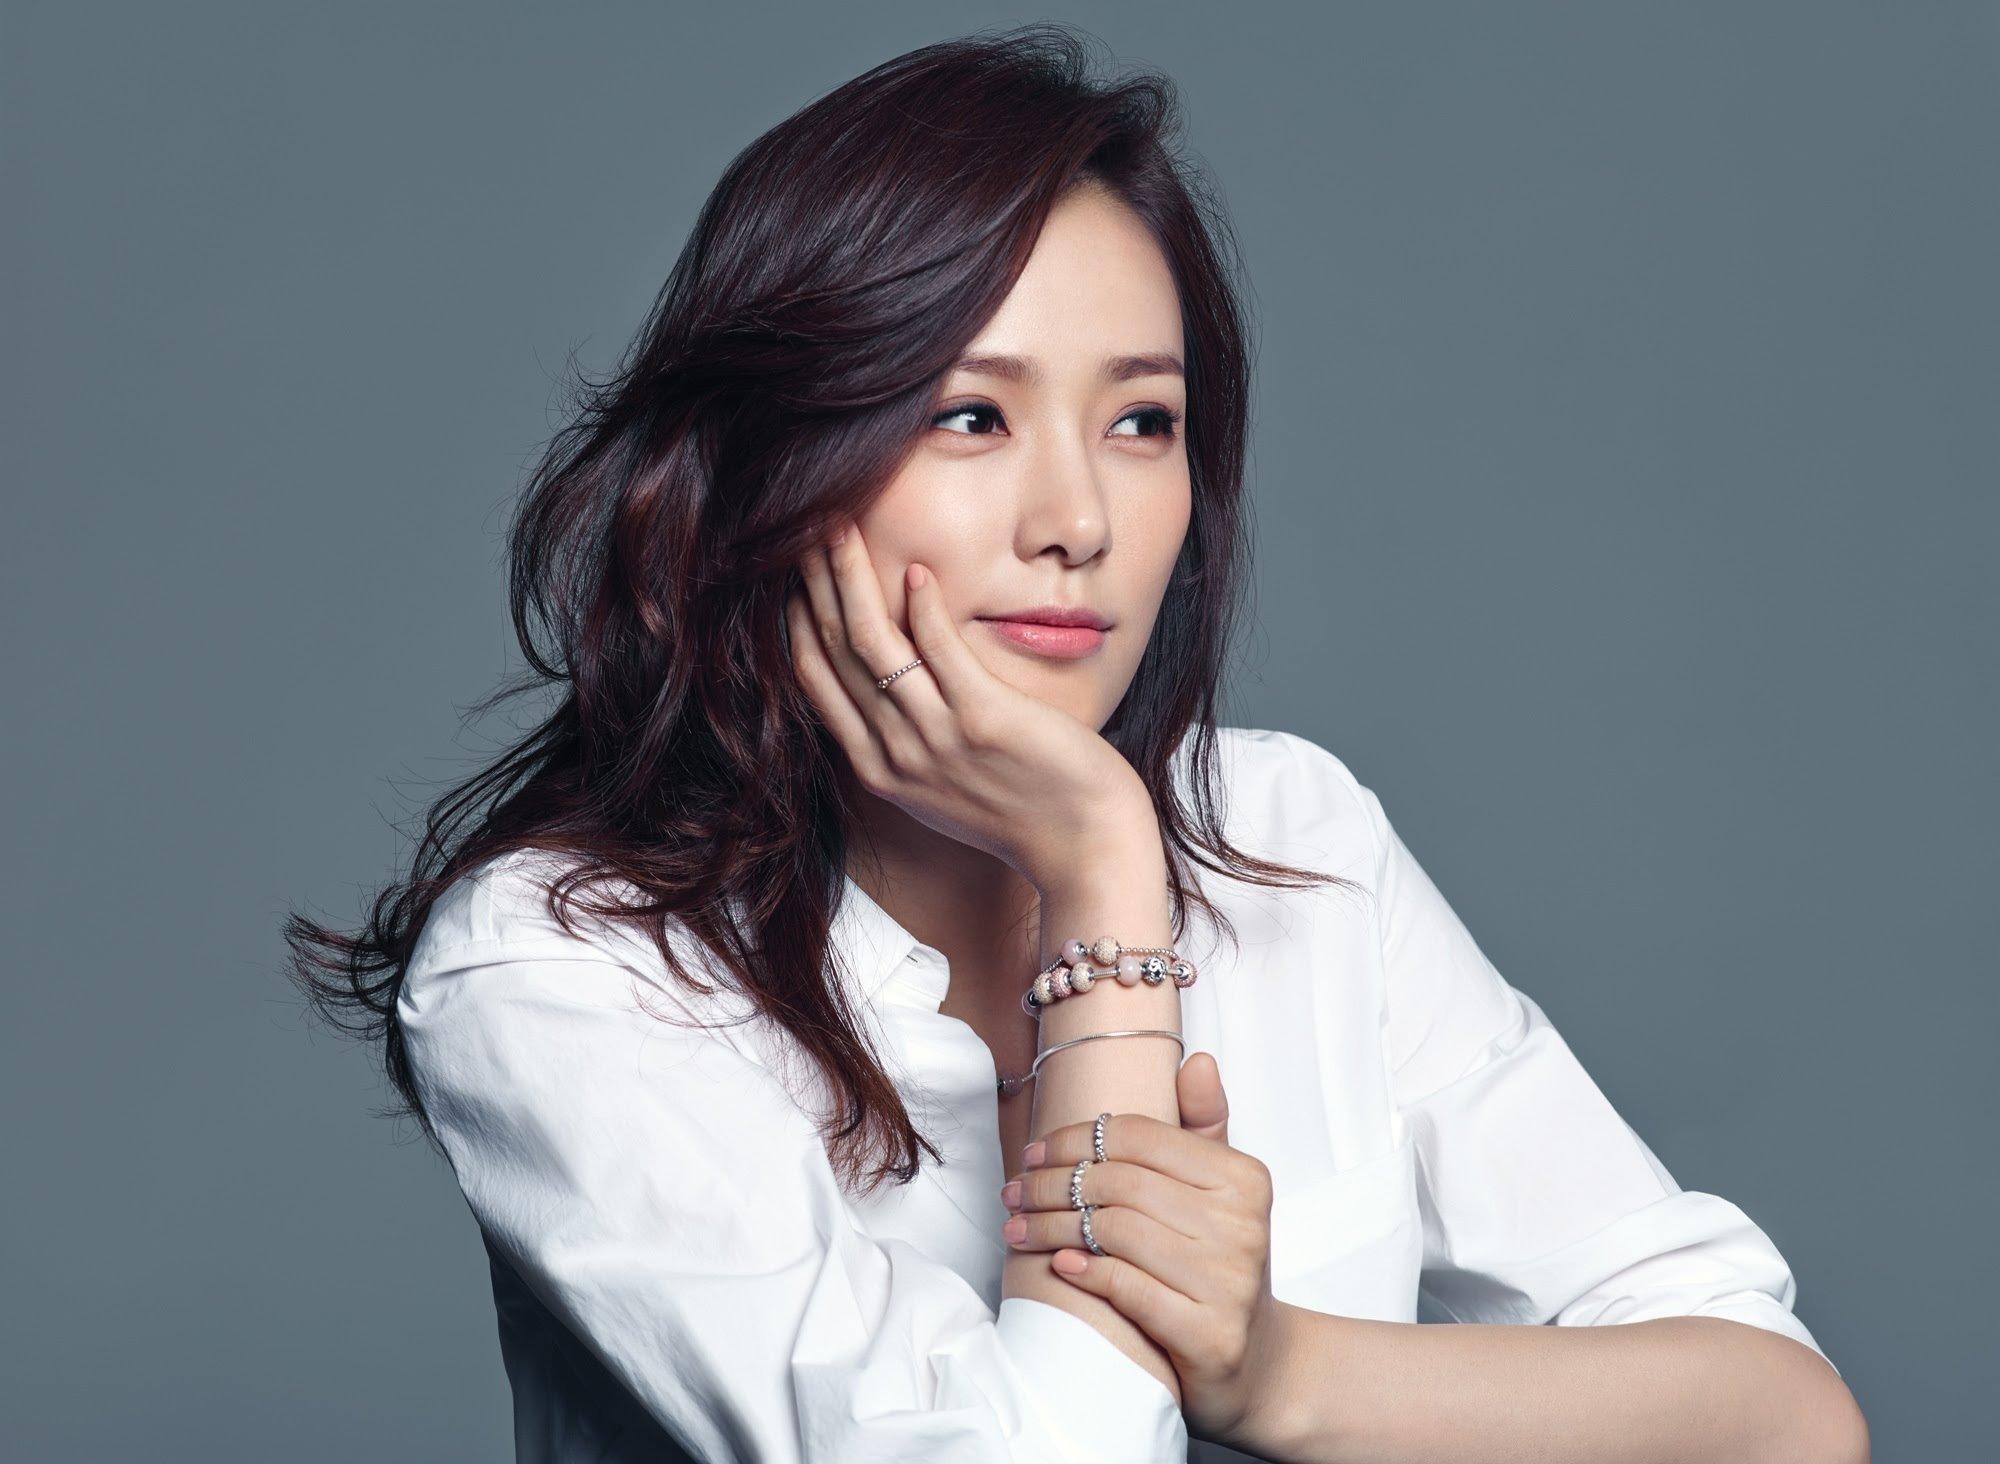 1417 - ソン・テヨンが韓国1の嫌われ女優になったのはなぜ?